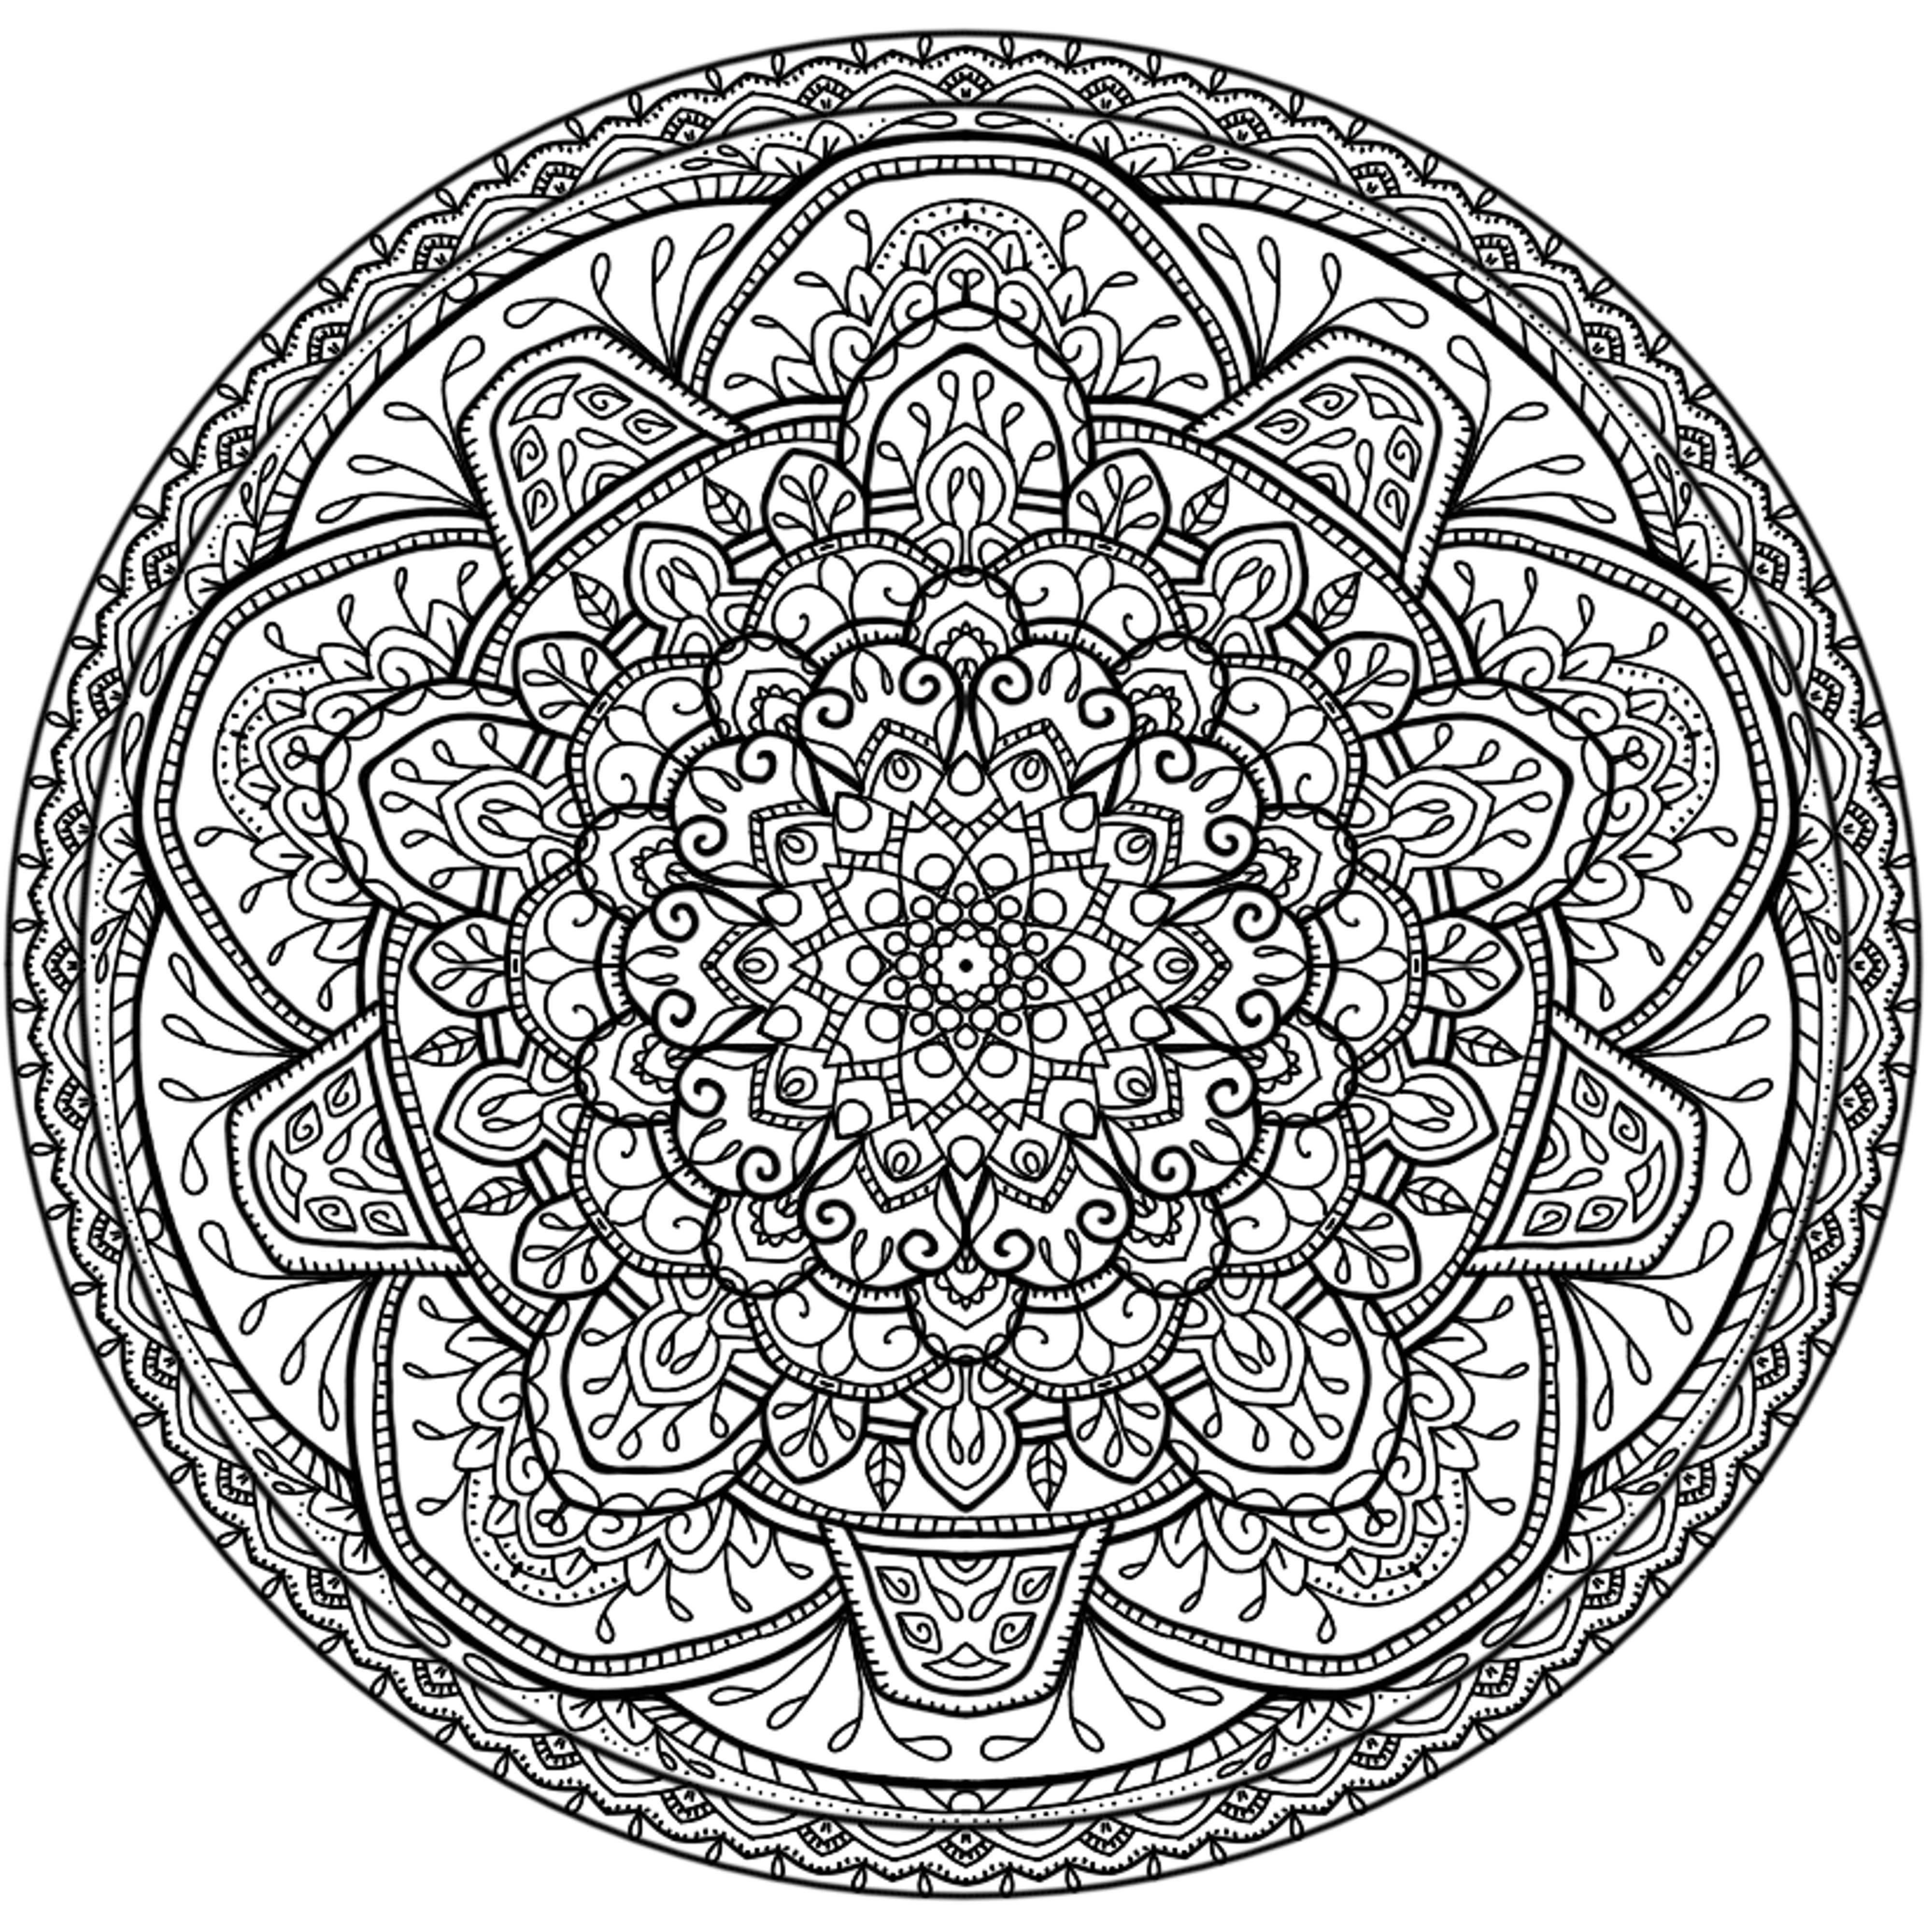 mandala circle coloring pages - photo#26